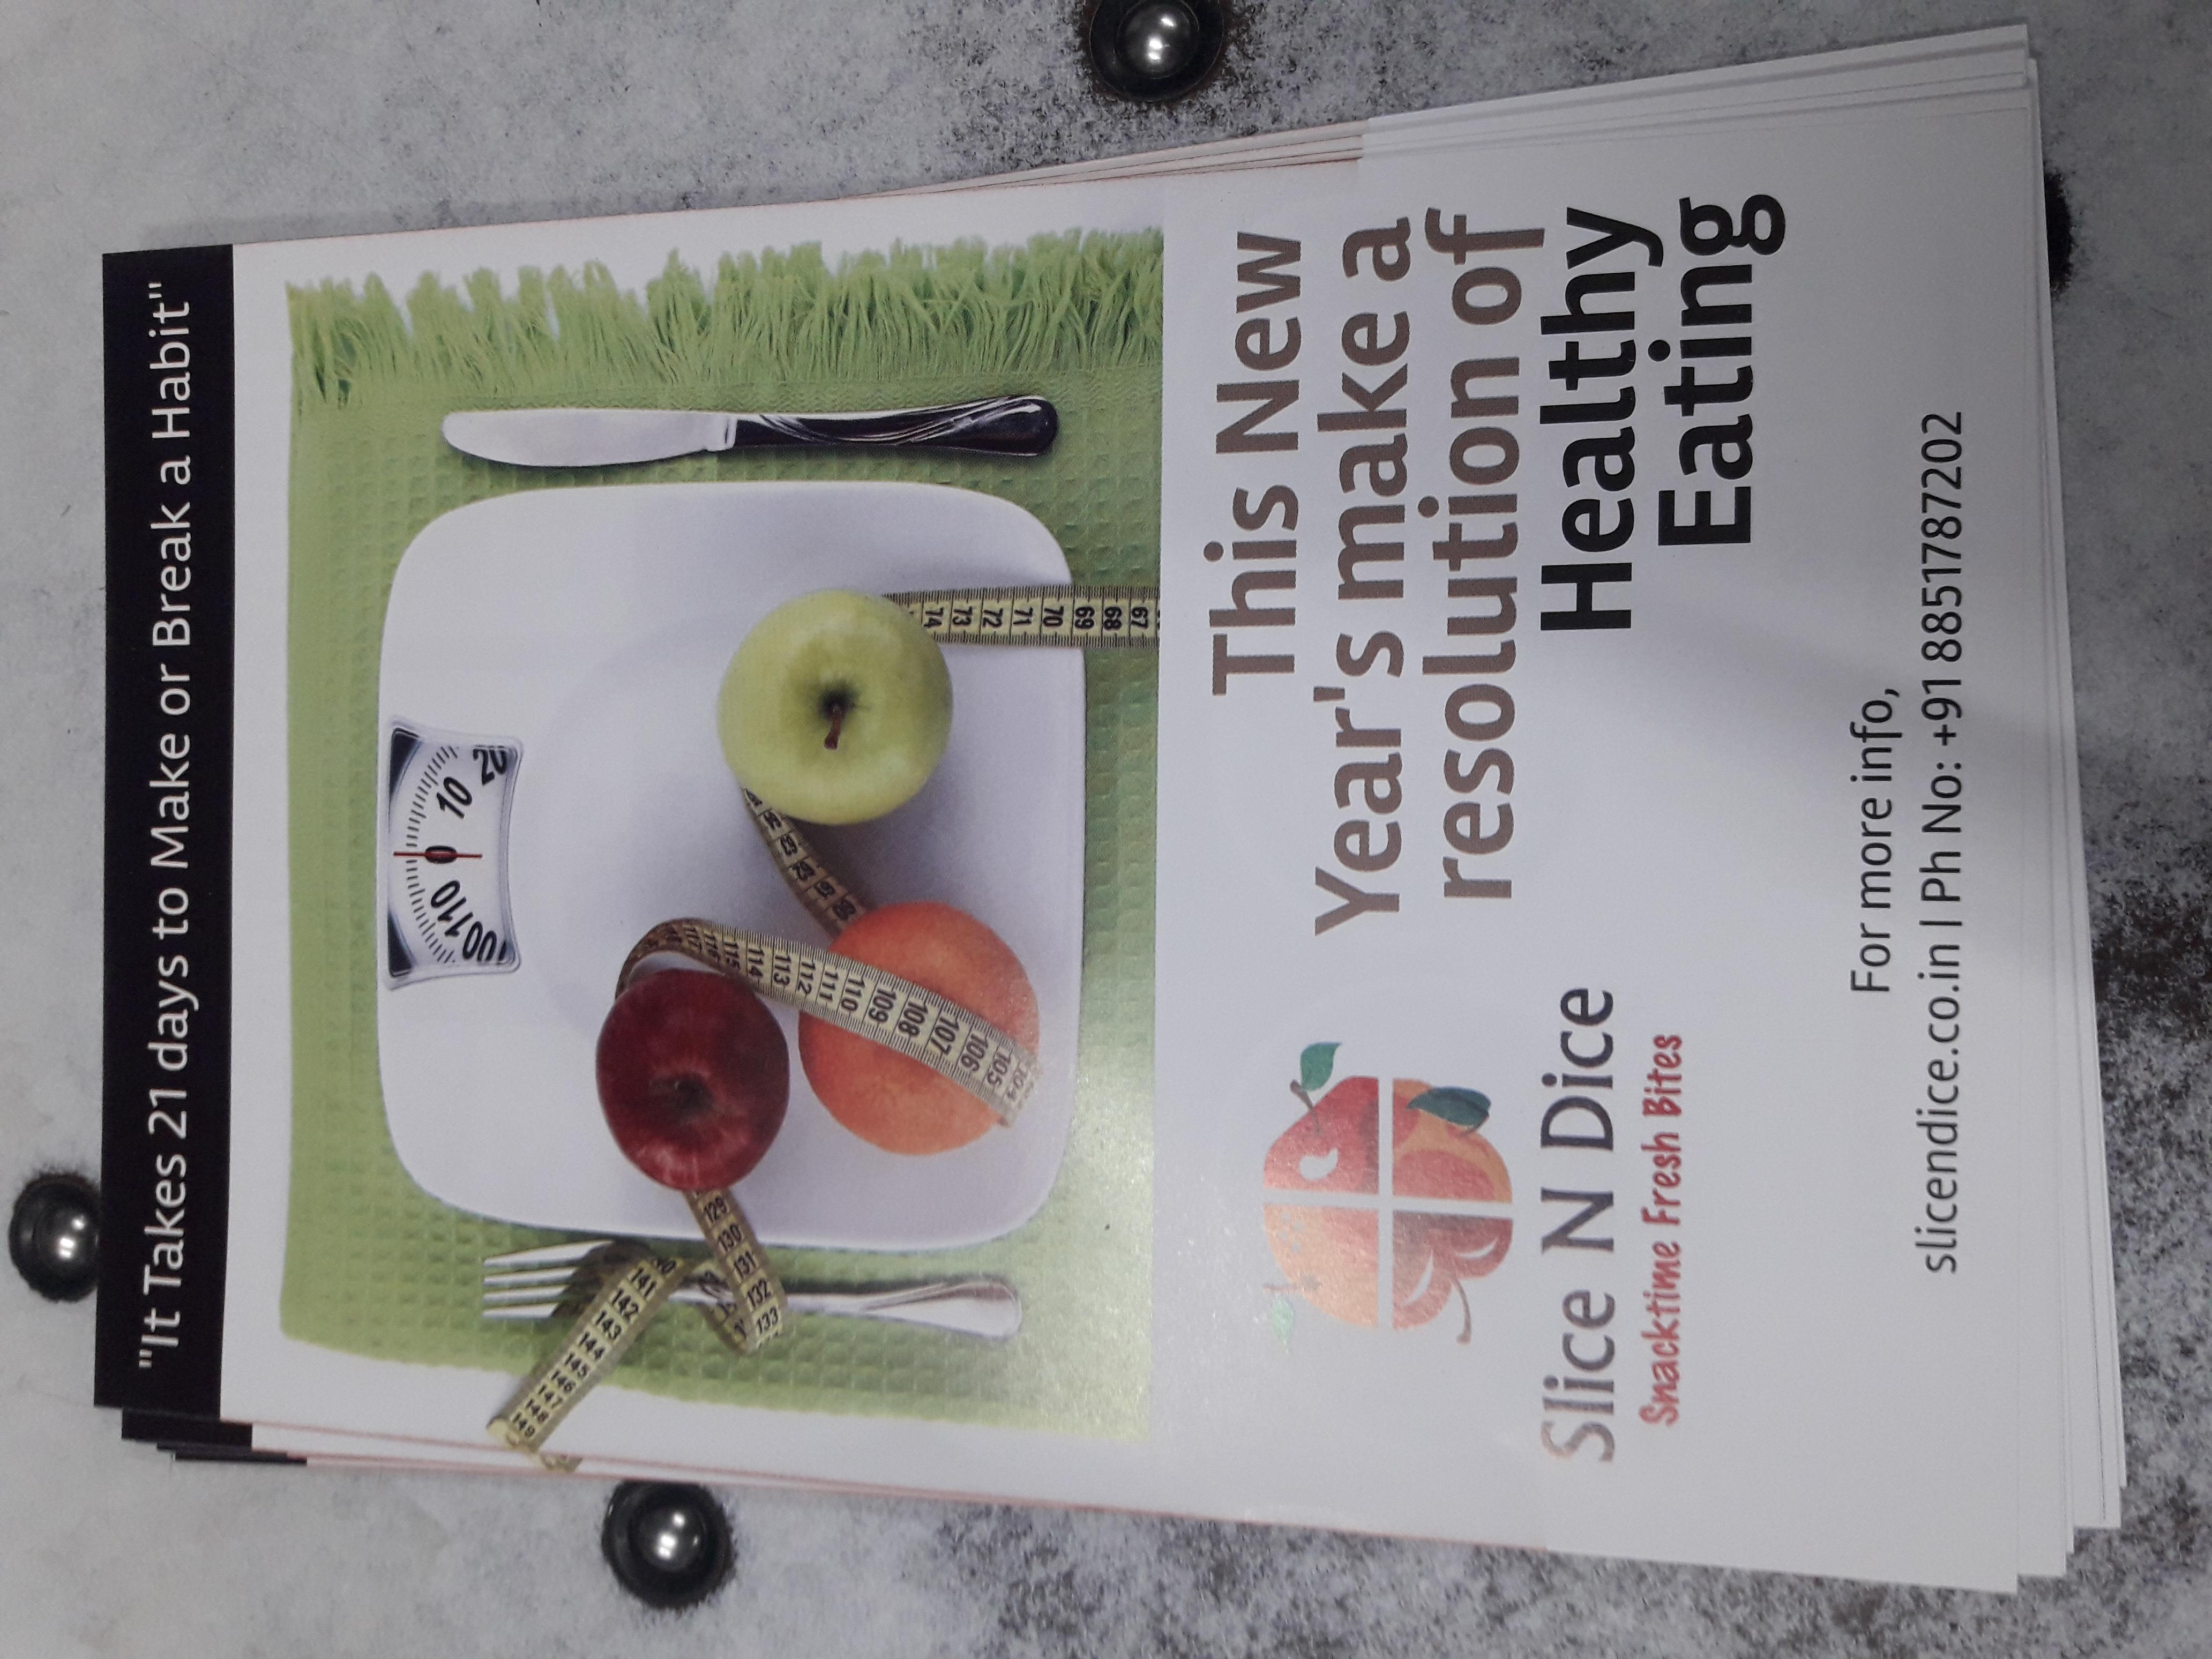 Food & beverages Flyer